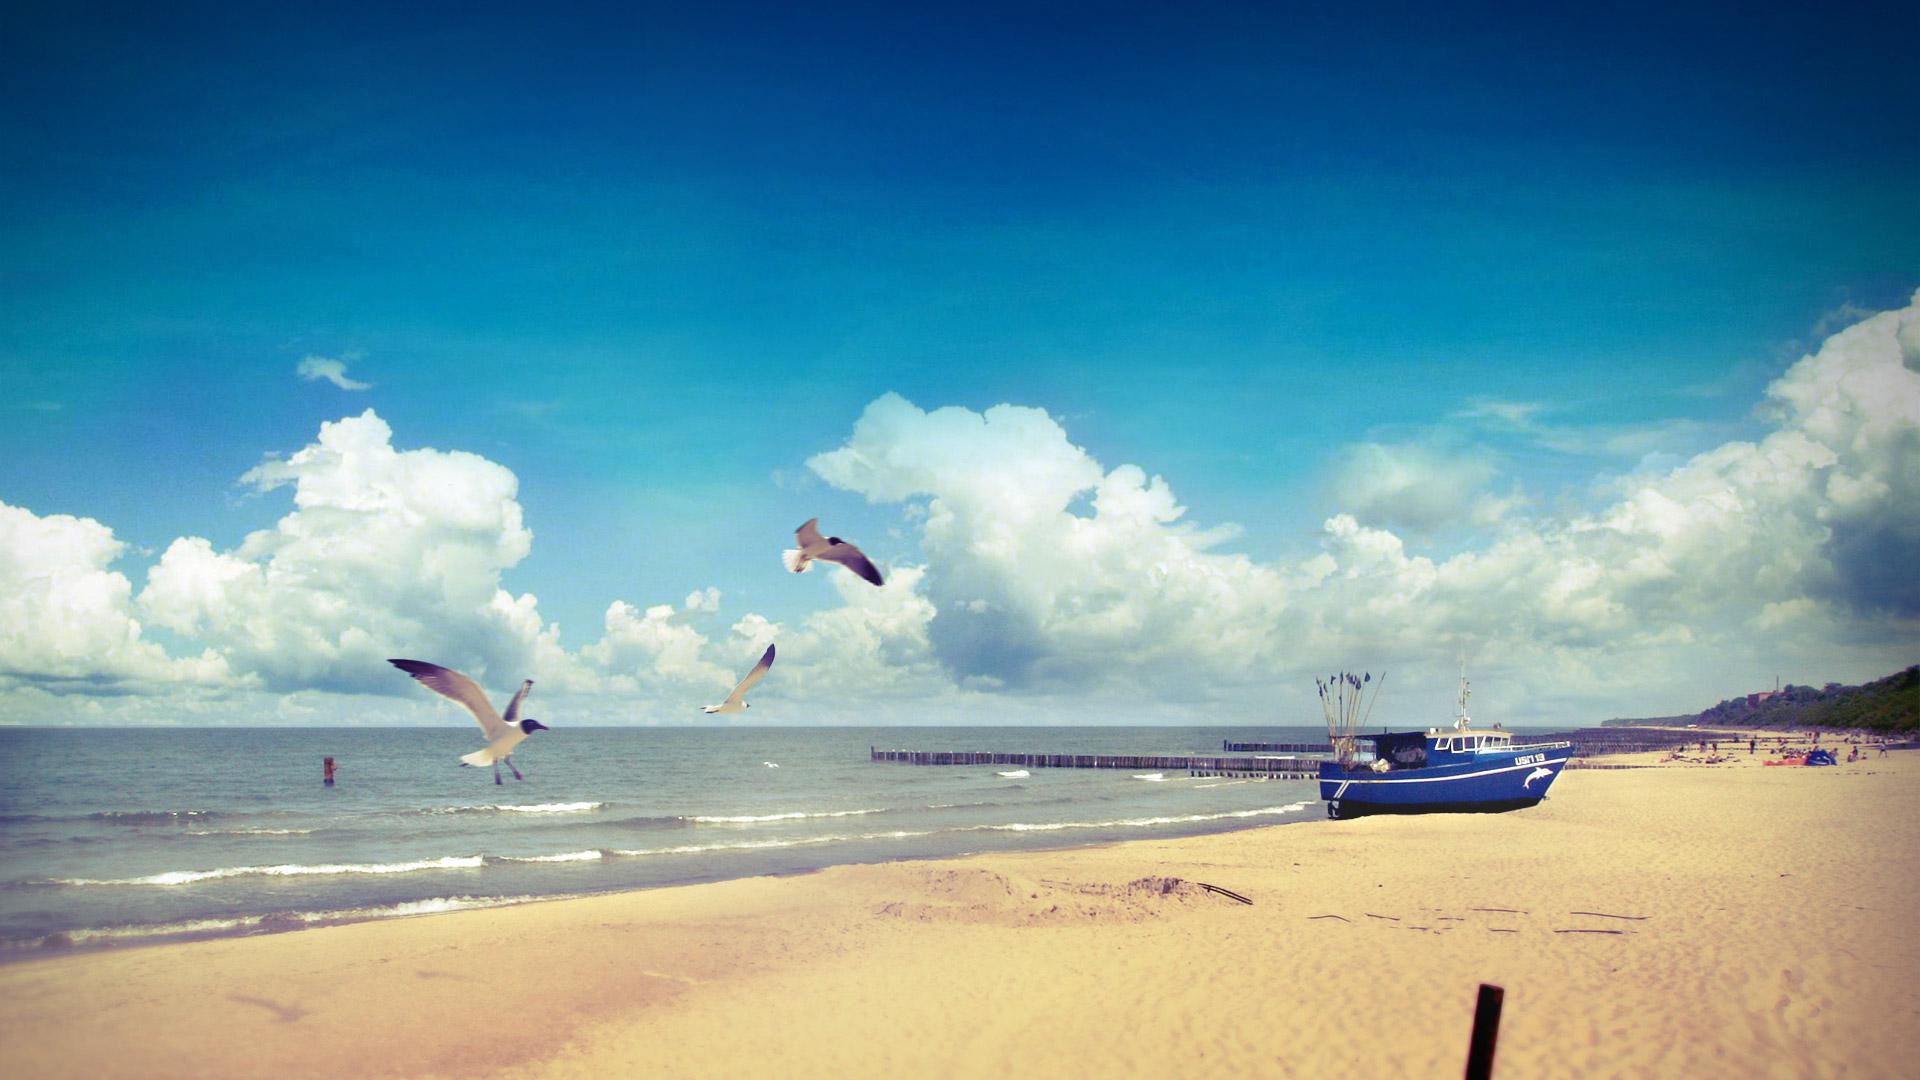 Plaża w Ustroniu Morskim - słoneczny dzień. Na plaży kutry, letające mewy.